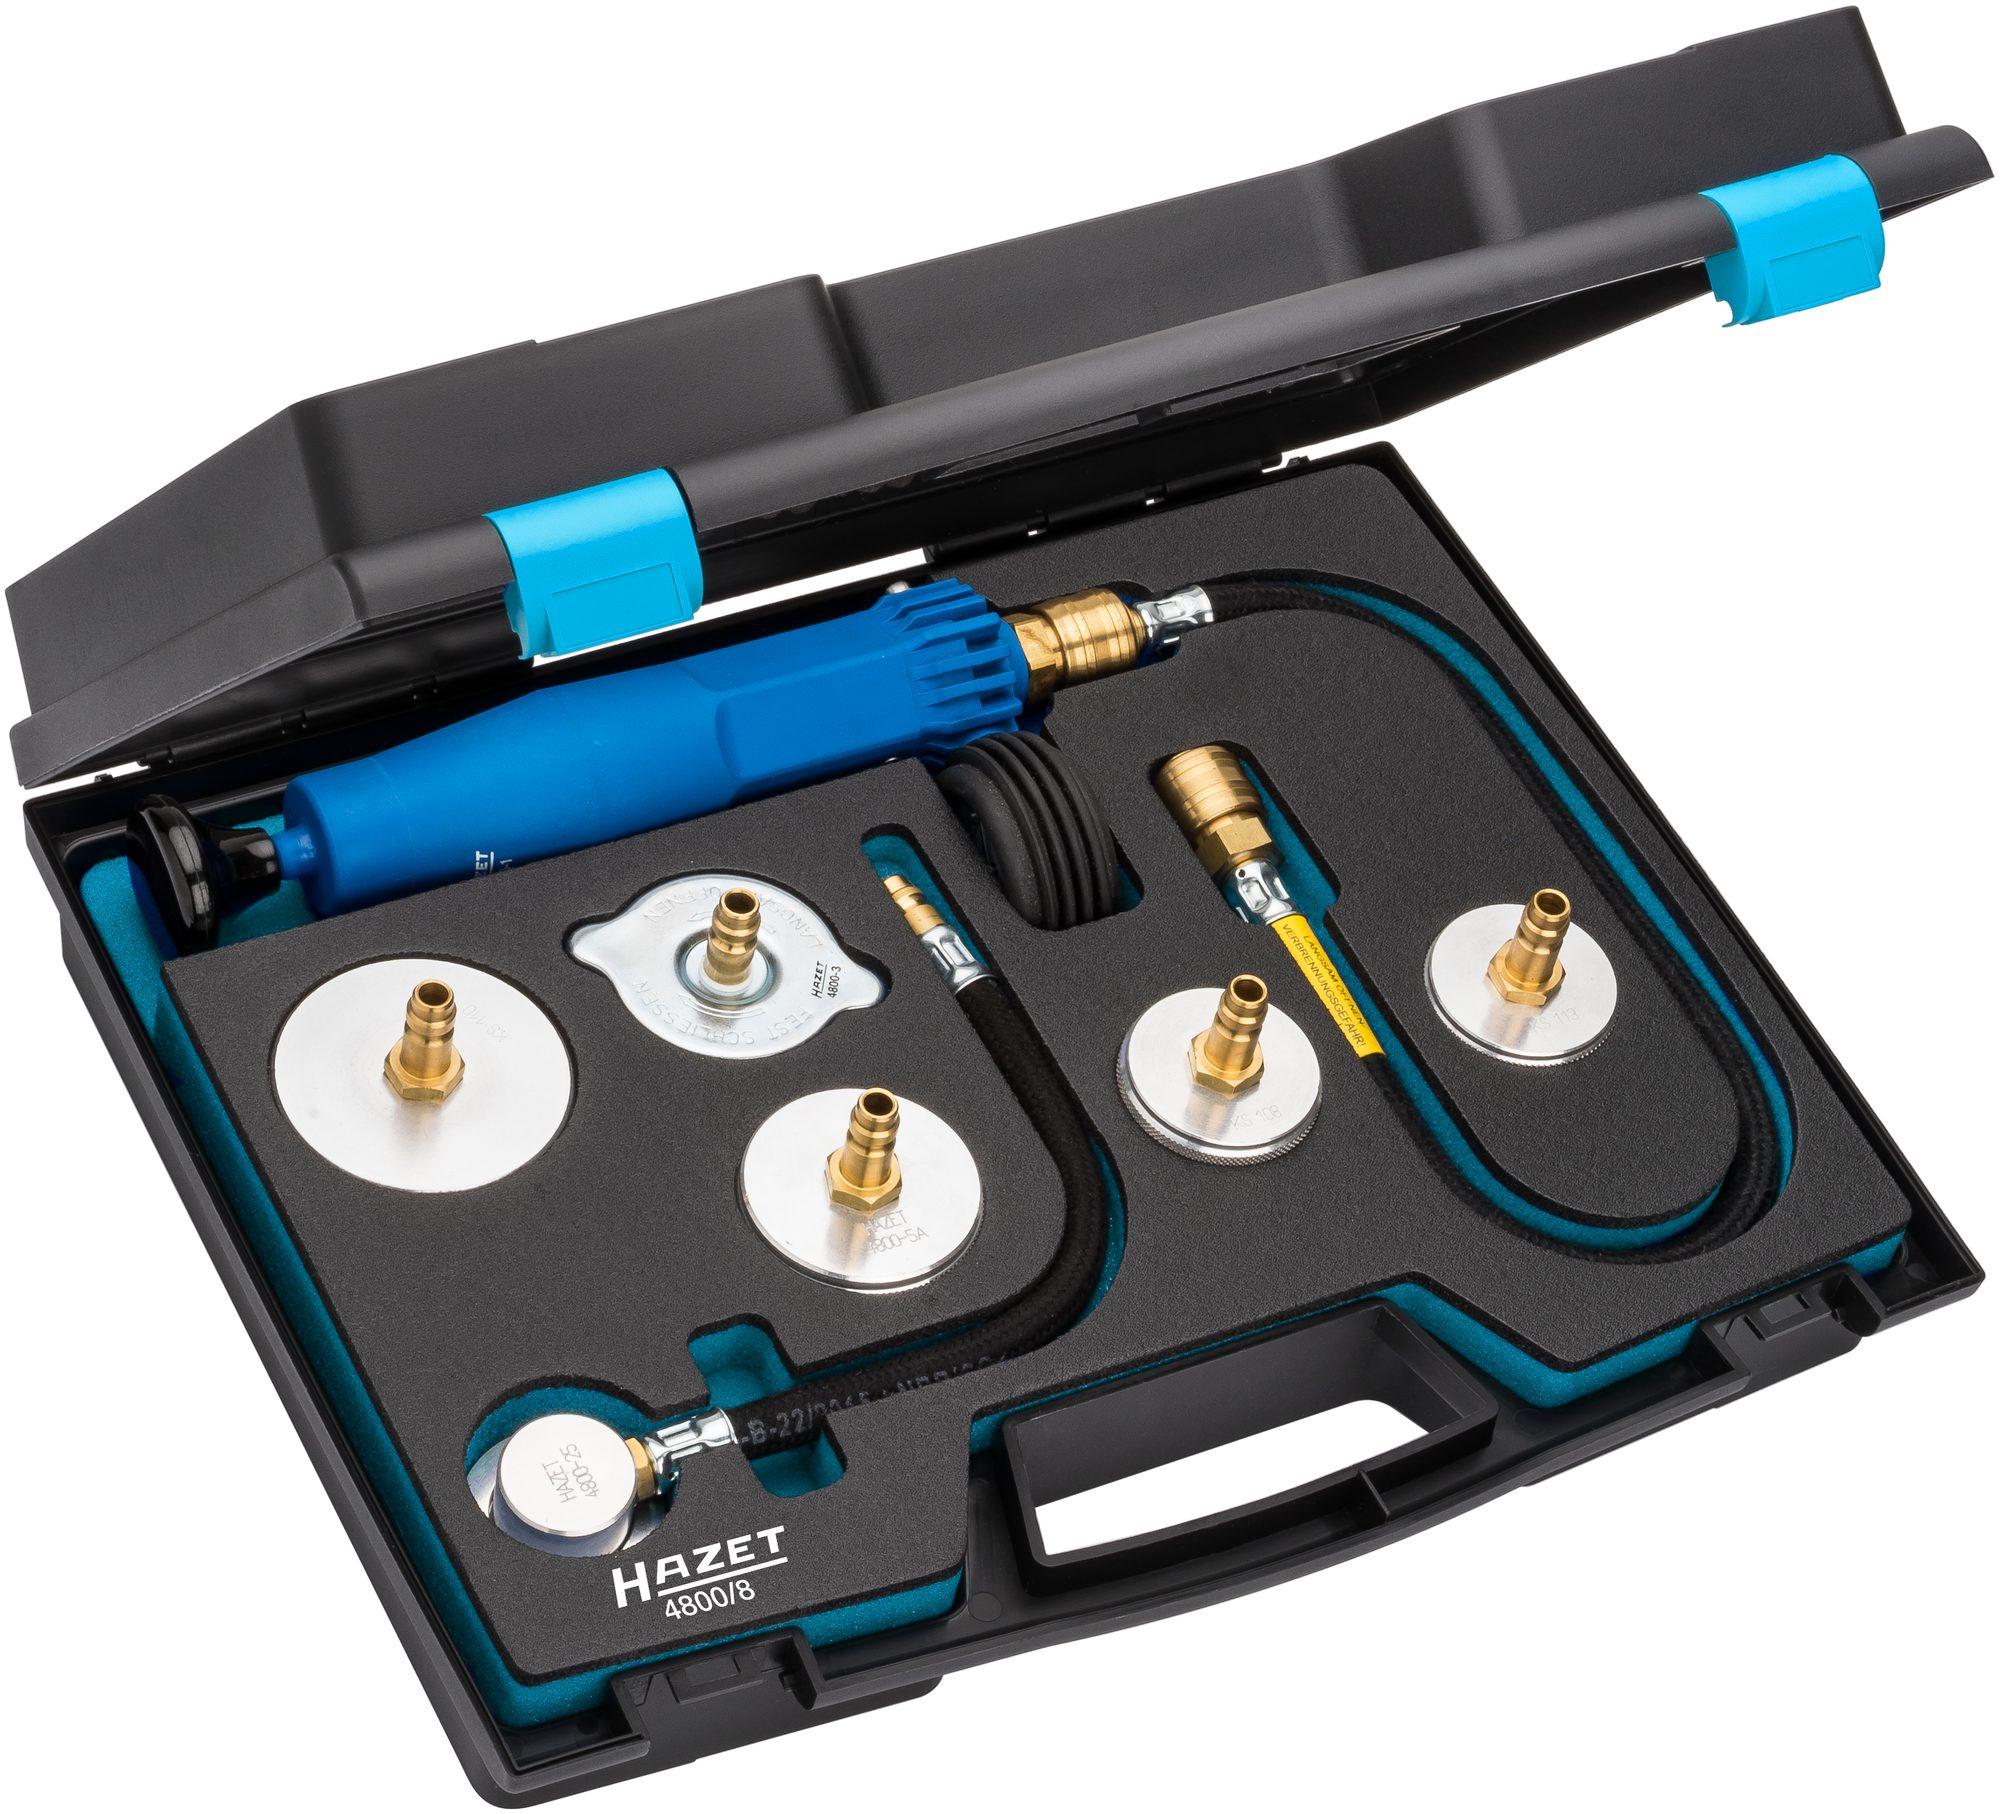 Neue HAZET-Werkzeuge für Nkw